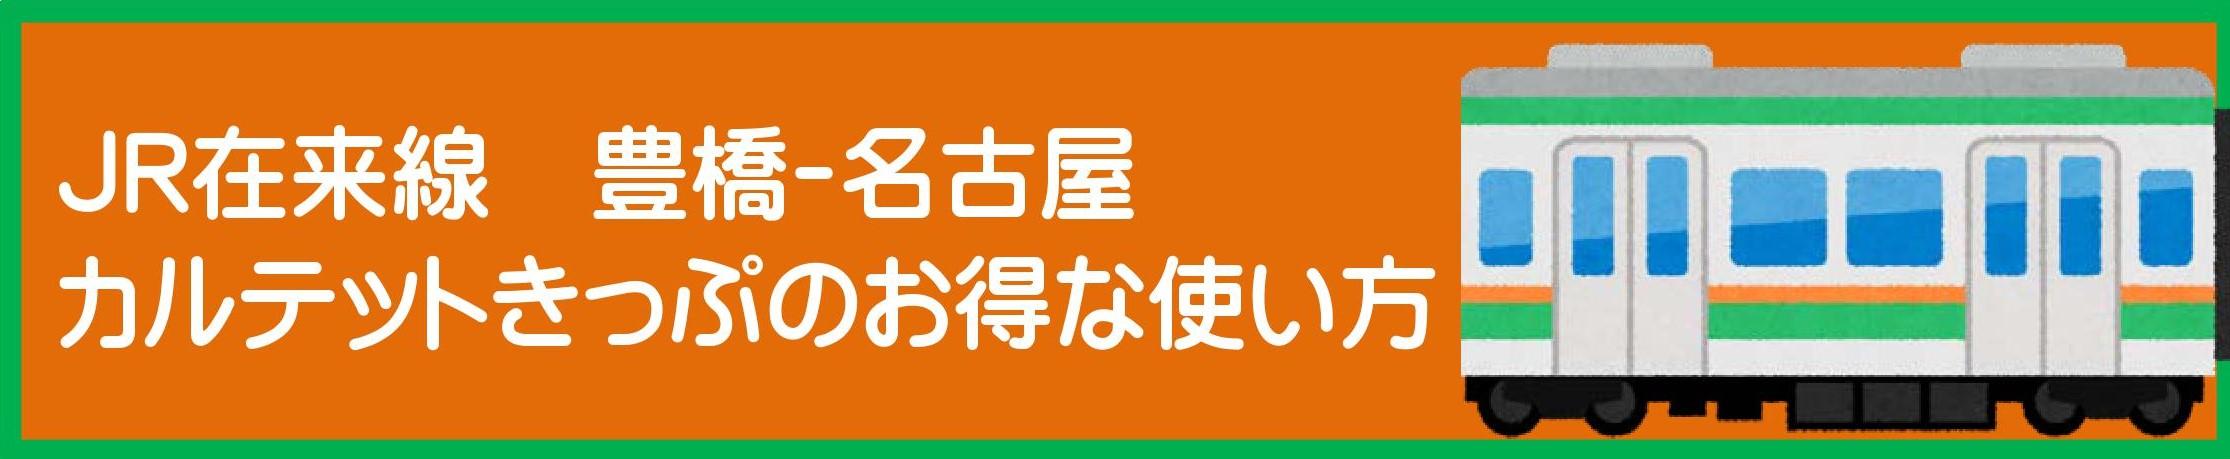 豊橋金券ショップフリーチケット|カルテットきっぷのお得な使い方